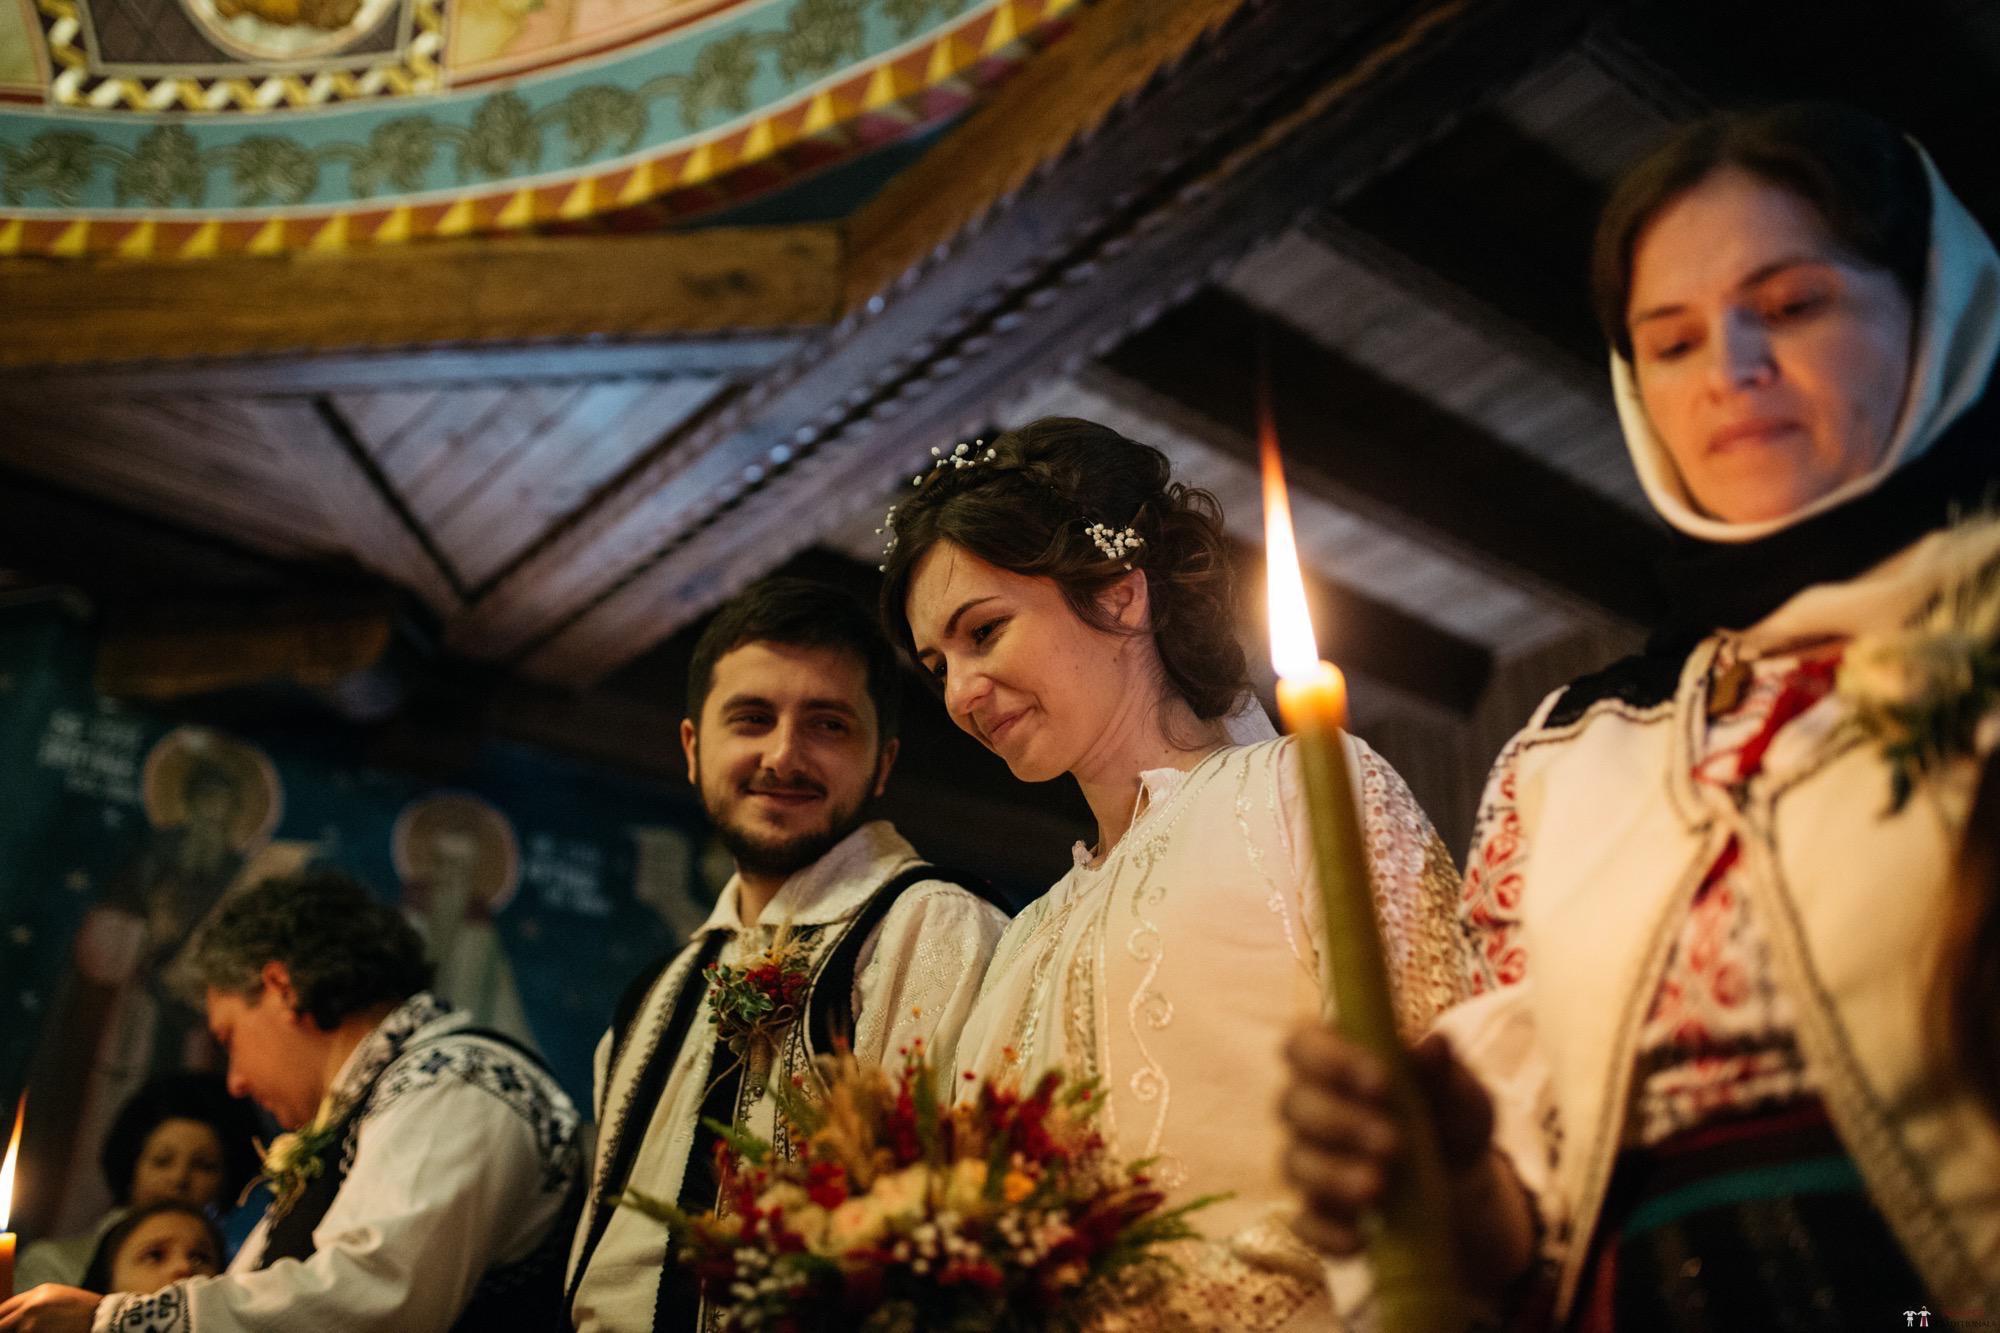 Povești Nunți Tradiționale - Gabriela și Adrian. Nuntă tradițională în Piatra Neamț 18